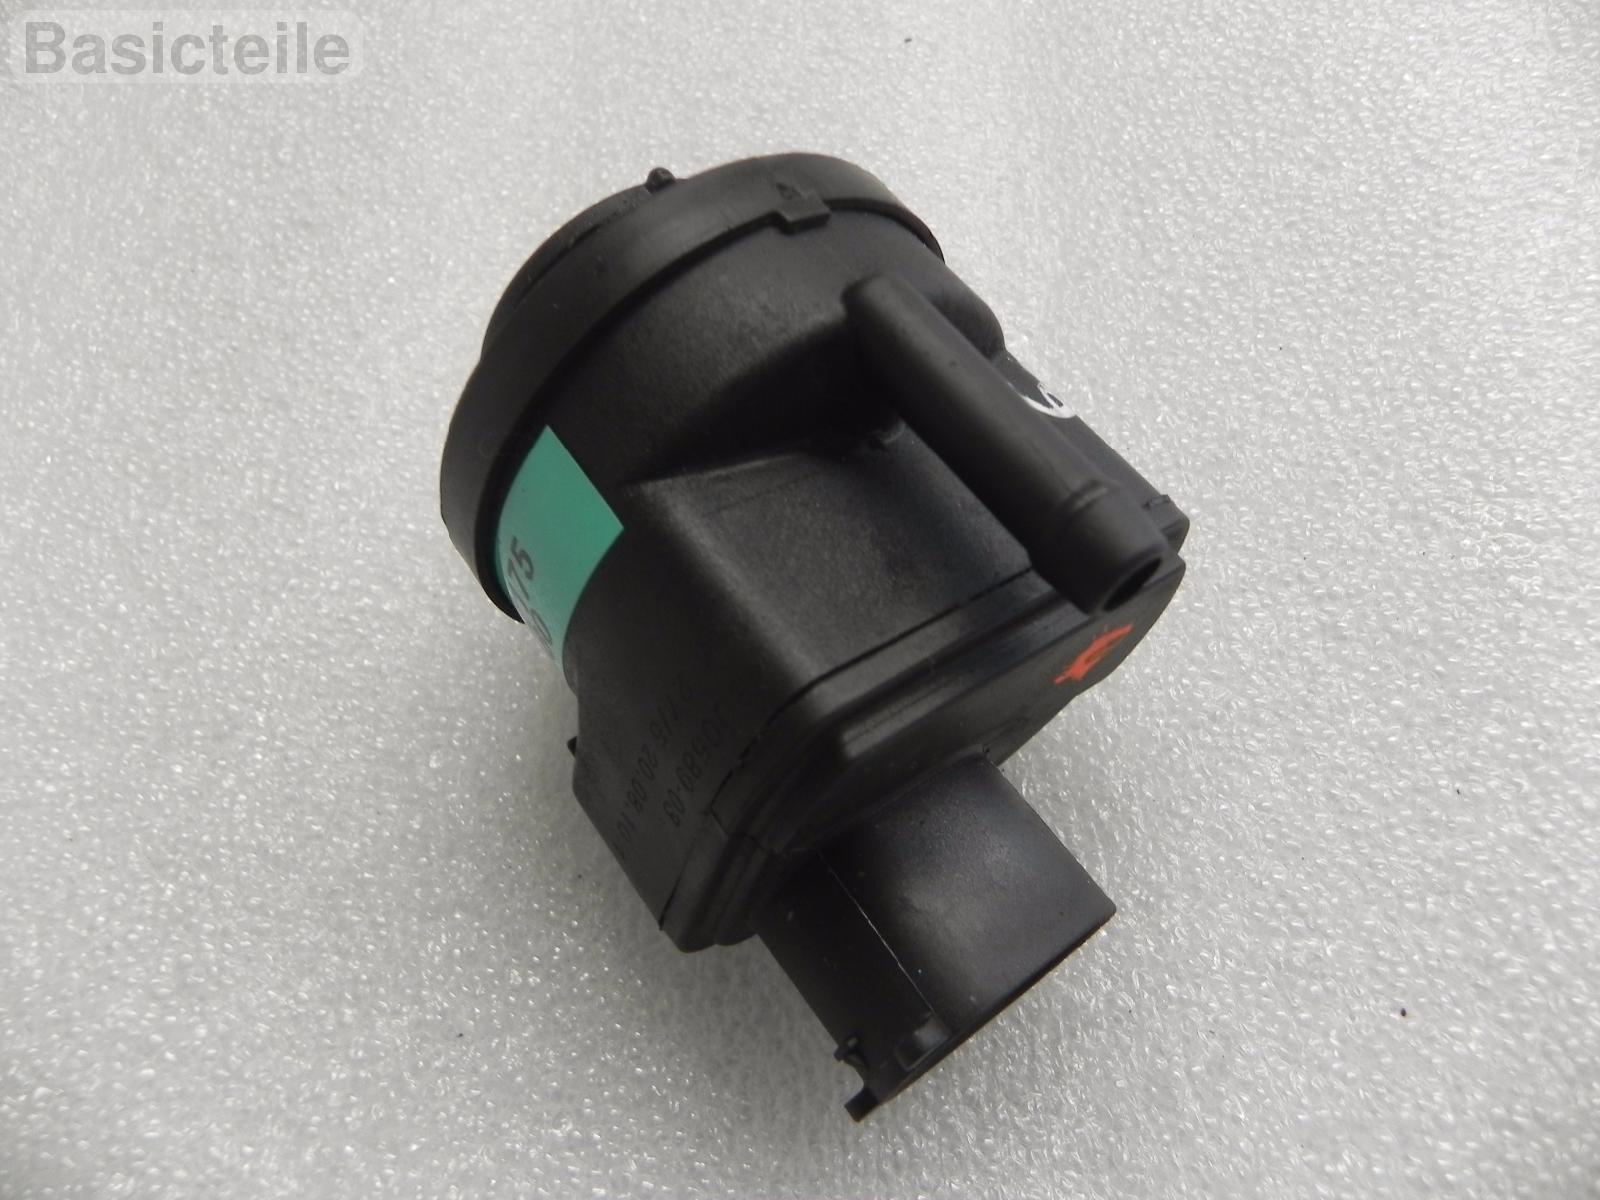 Bmw X5 E70 Lci 40d Kraftstoffilter Heizung Heizgert Pre Heat Fuel Filter Auction Report Abuse